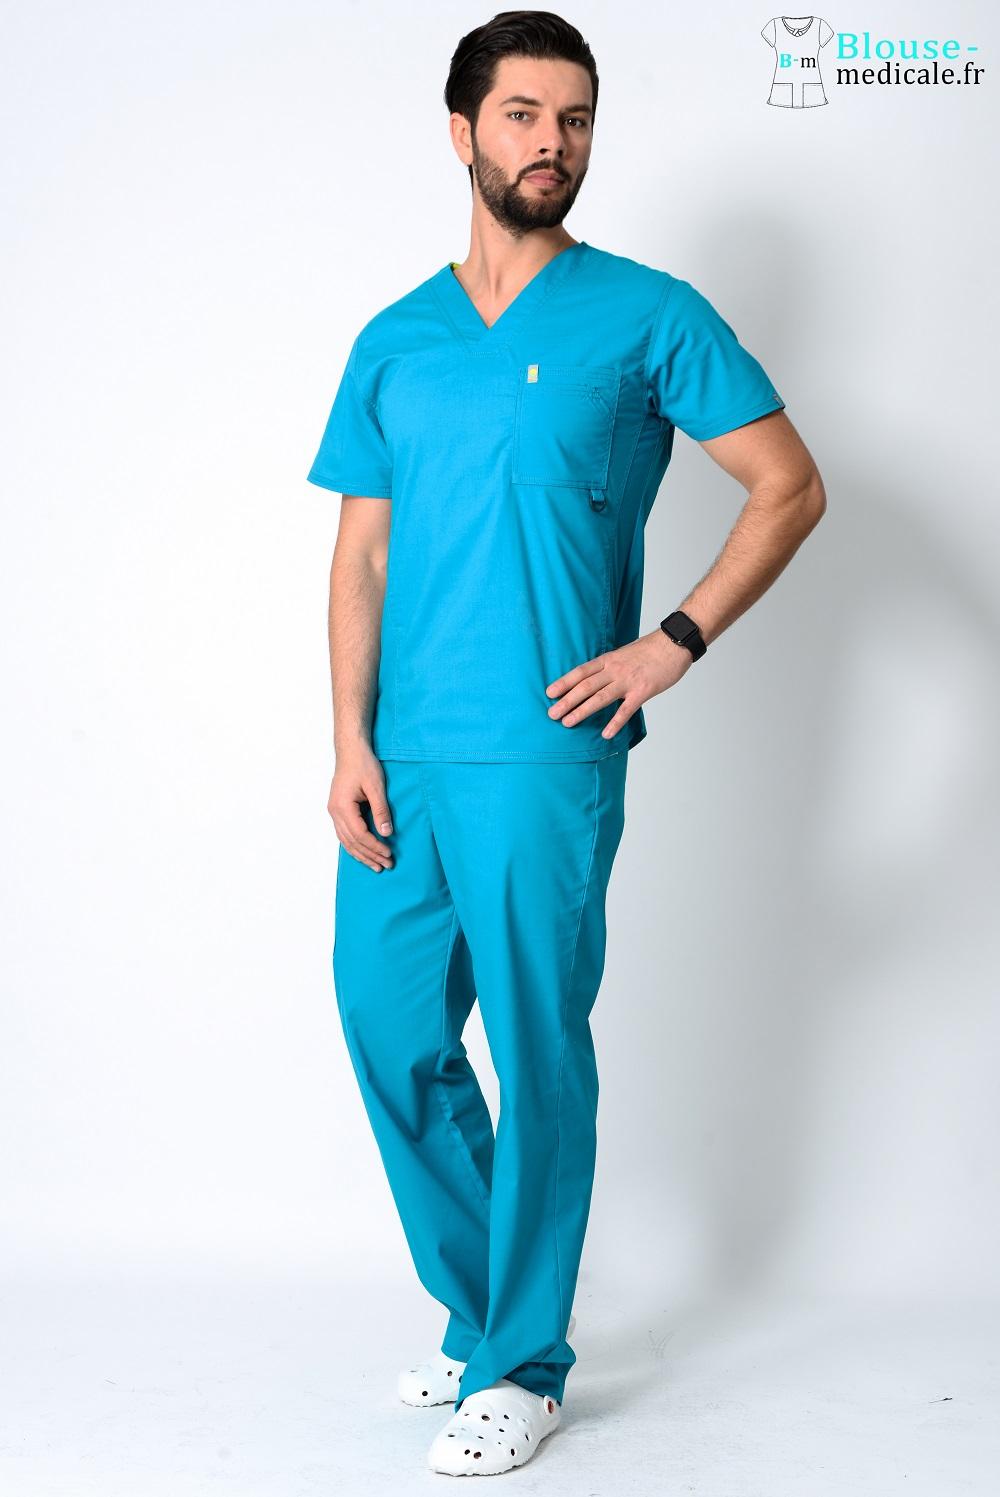 tenue médicale homme couleur tenue ostéo homme haut de gamme